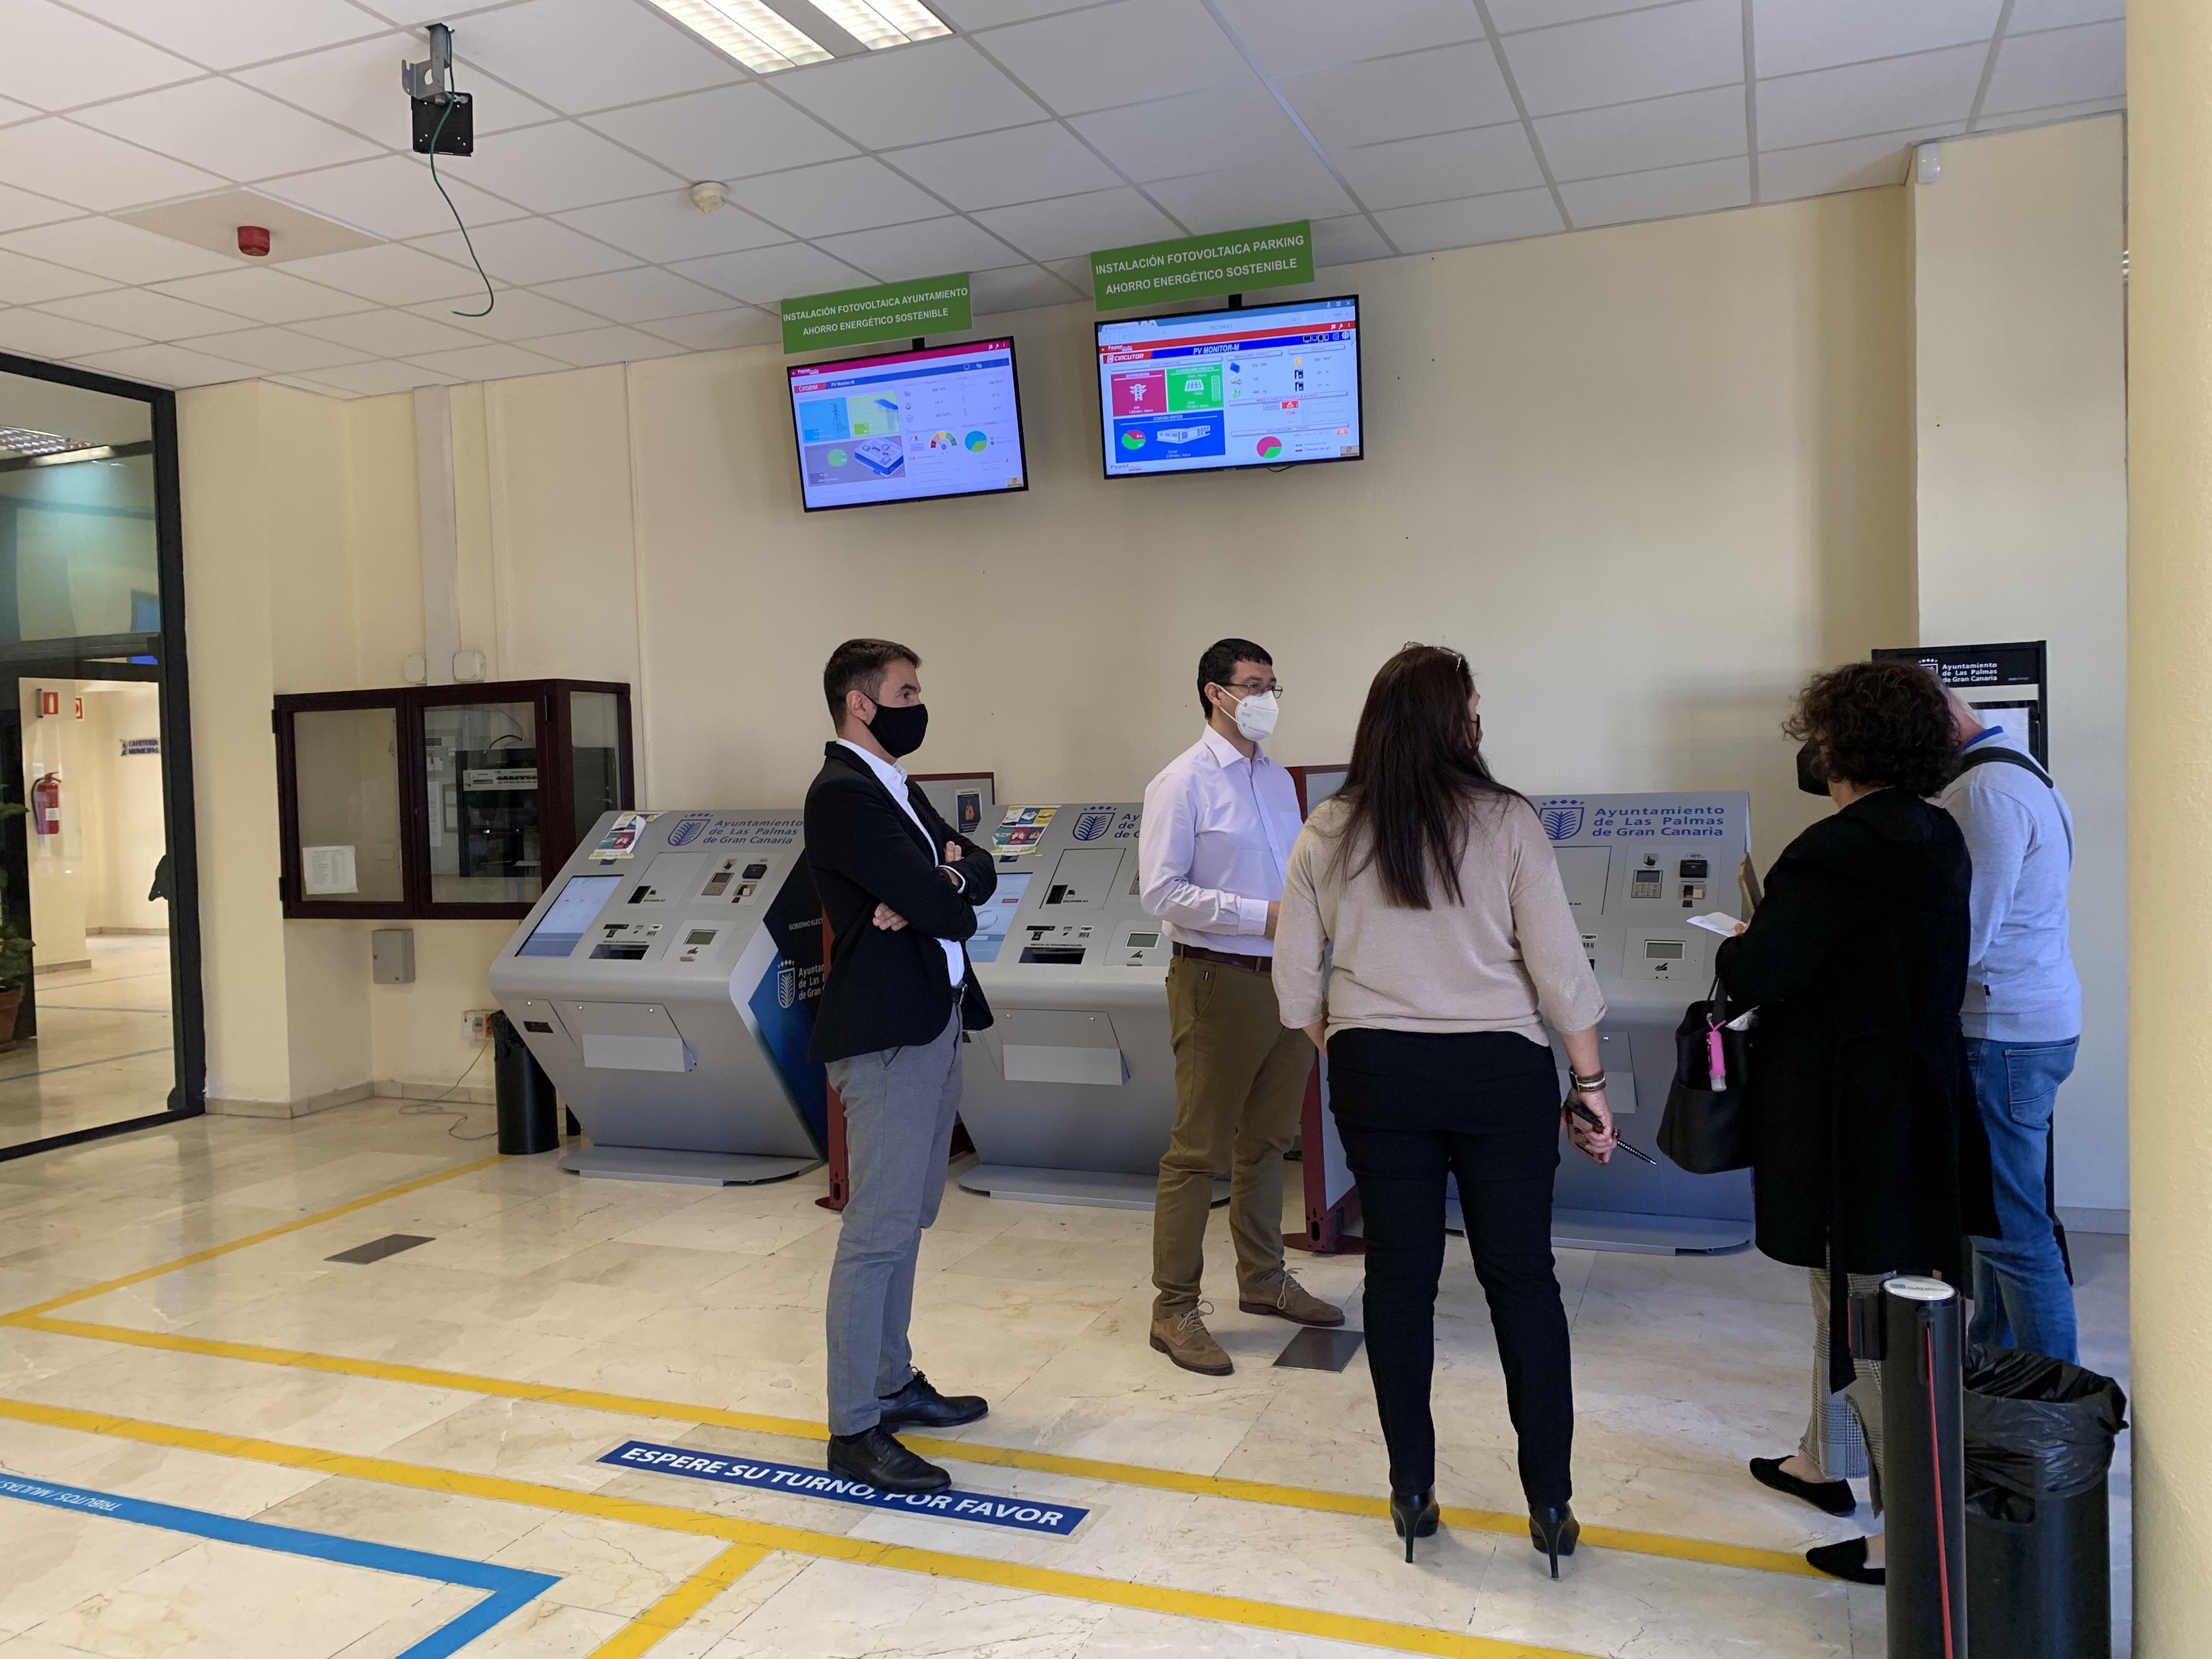 Oficinas Municipales del Edificio Metropol de Las Palmas de Gran Canaria / CanariasNoticias.es